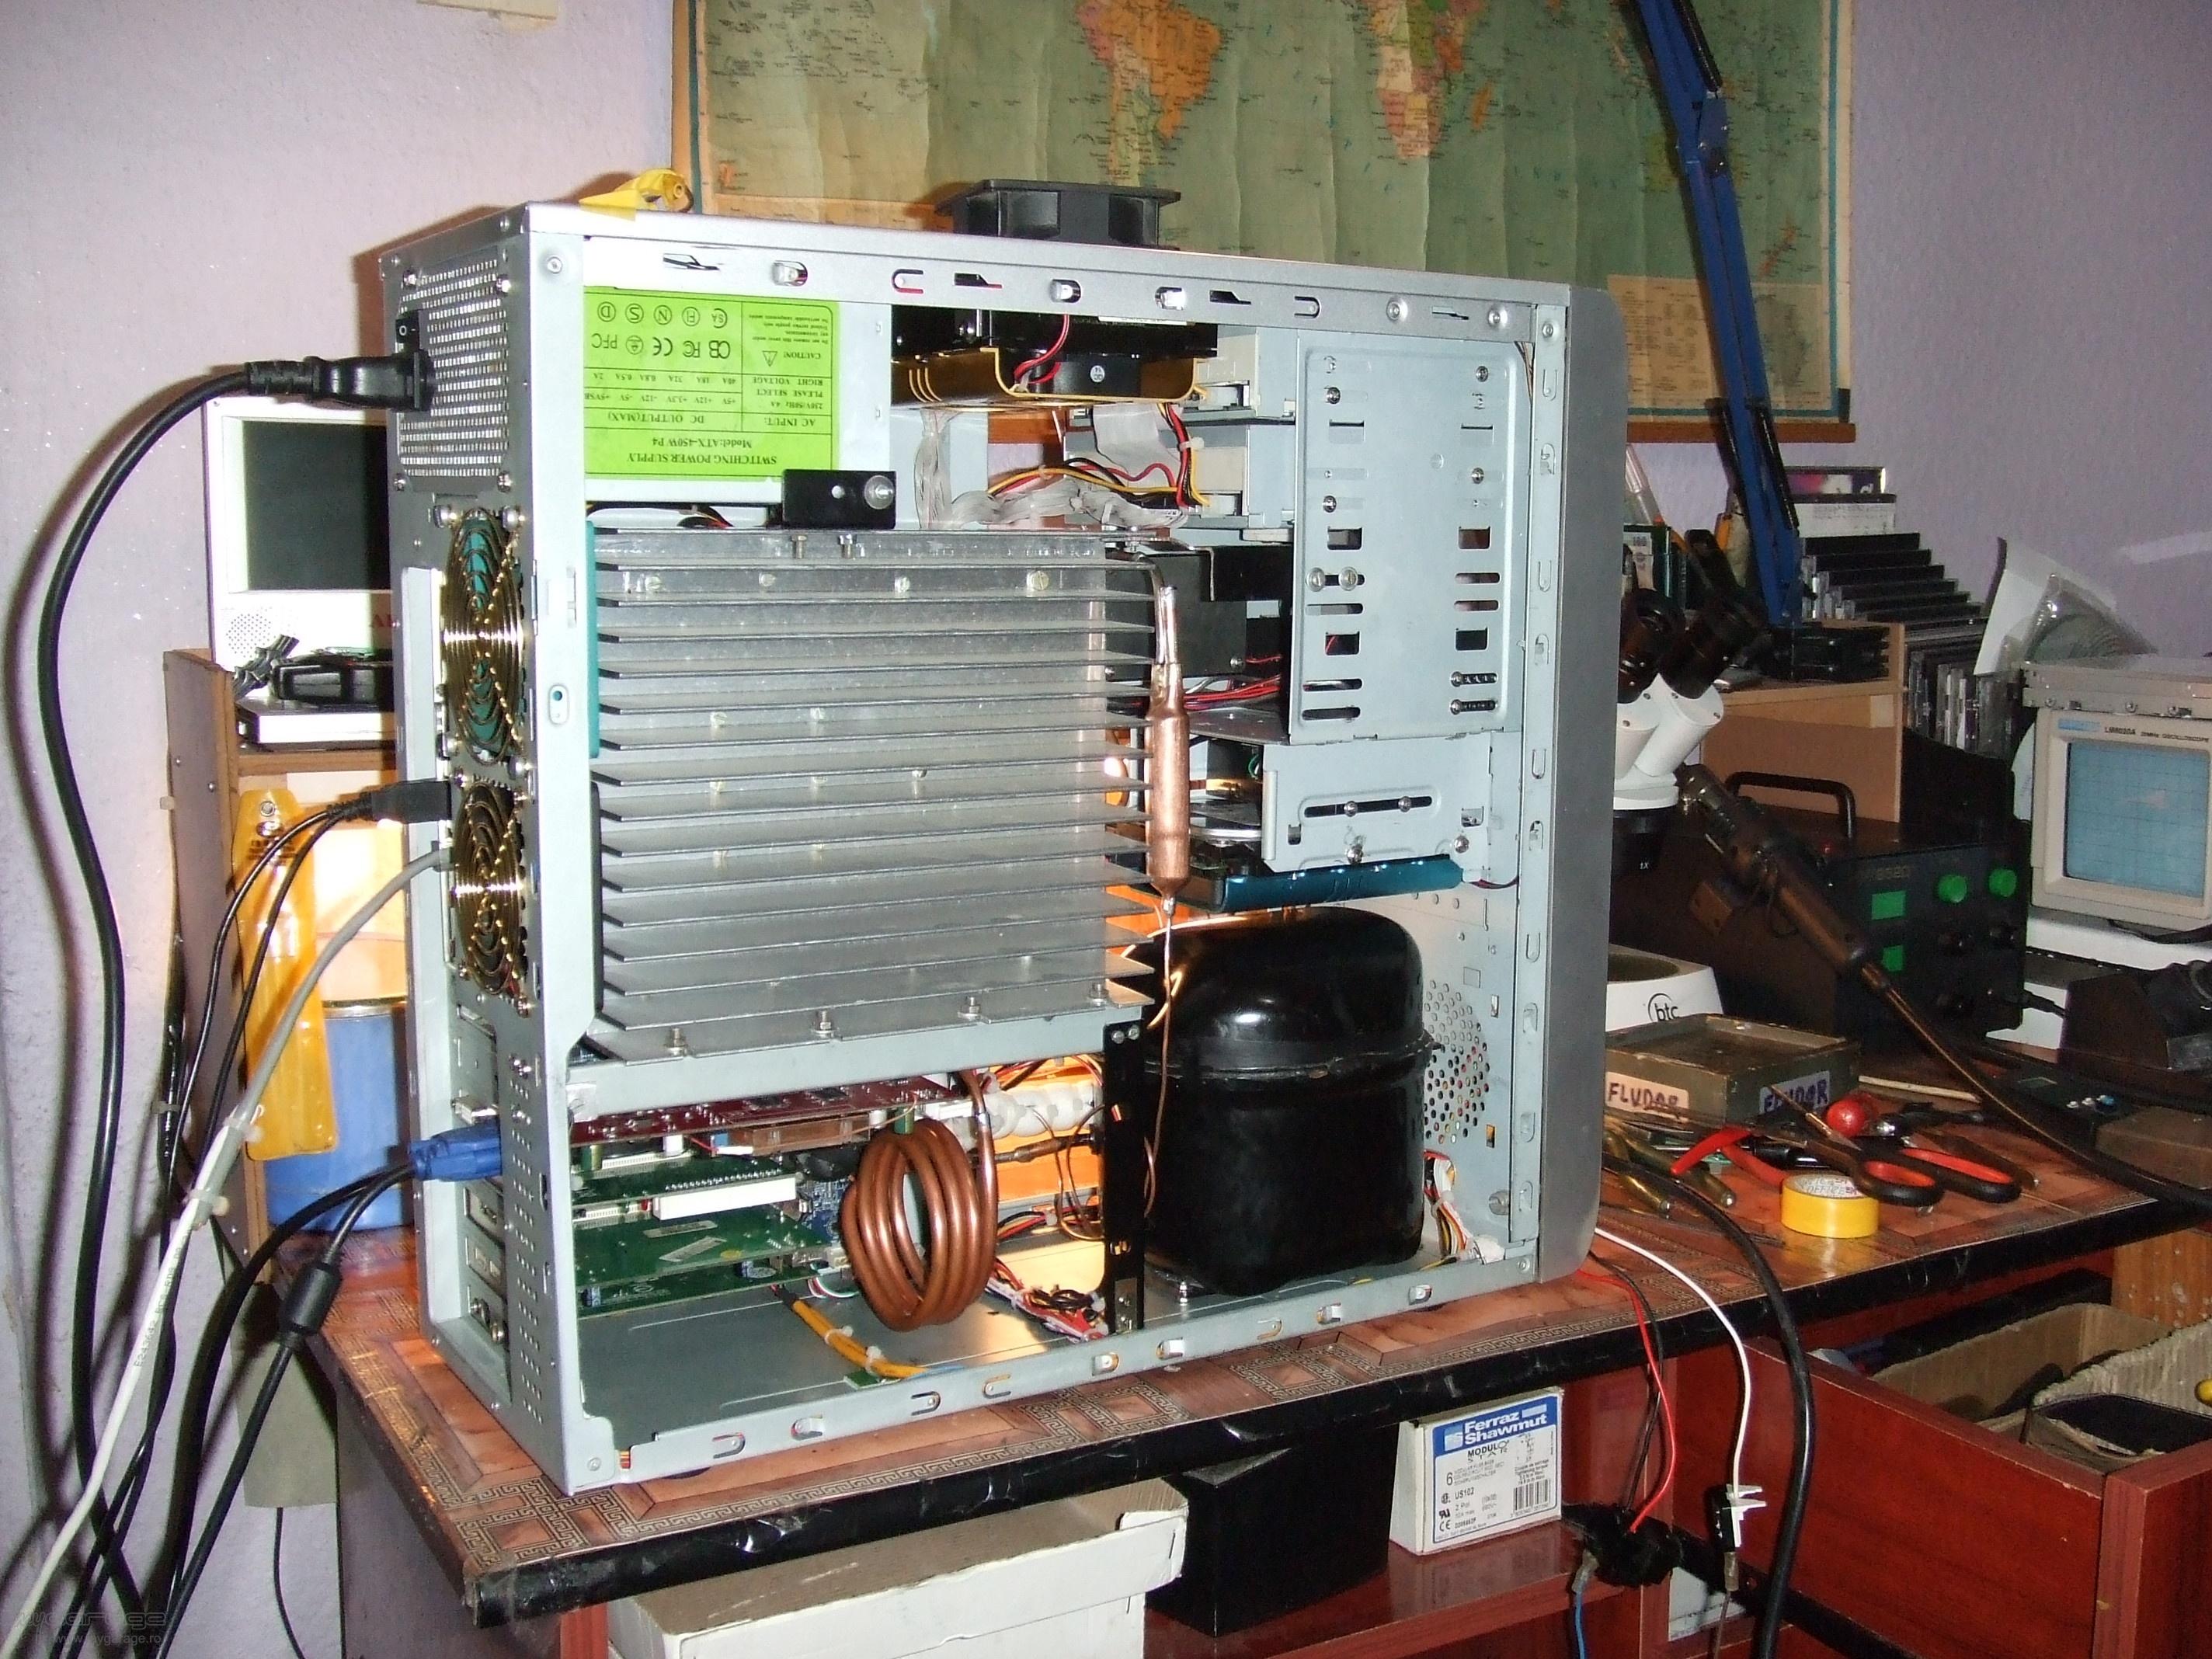 171502d1324051511-freon-cooling-homemade-dscf5457.jpg